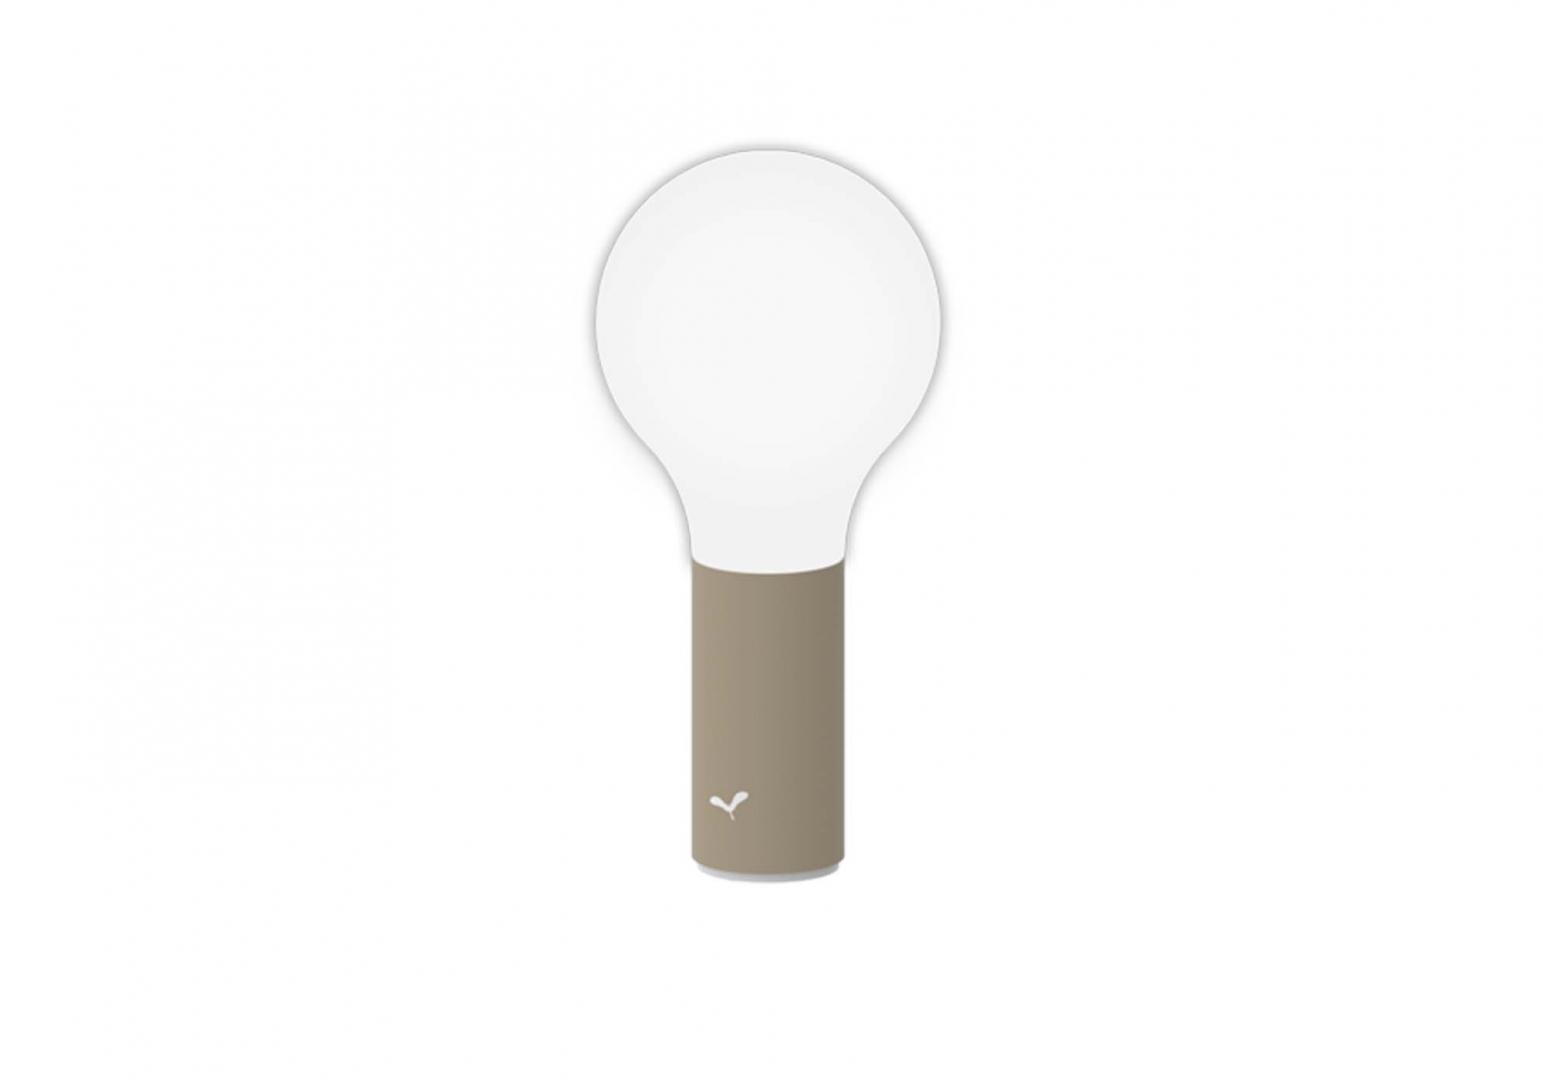 Lampe Aplô H24 cm - FERMOB